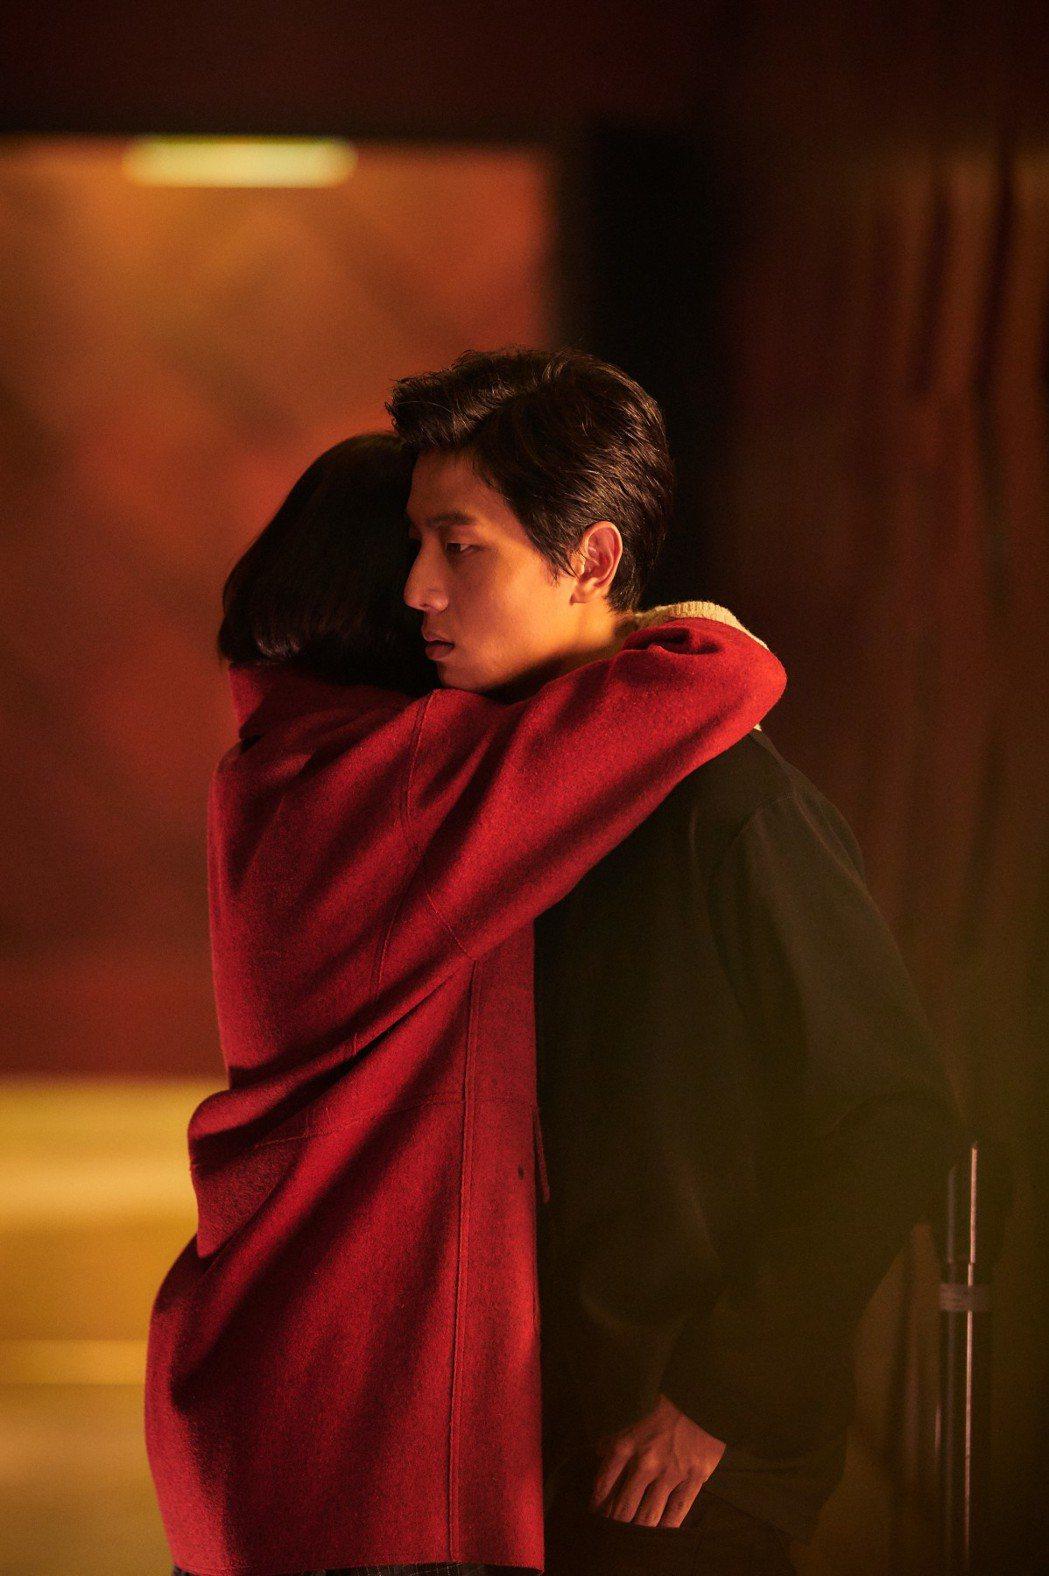 謝博安、柯佳嬿在「你的情歌」有浪漫對手戲。圖/甲上提供